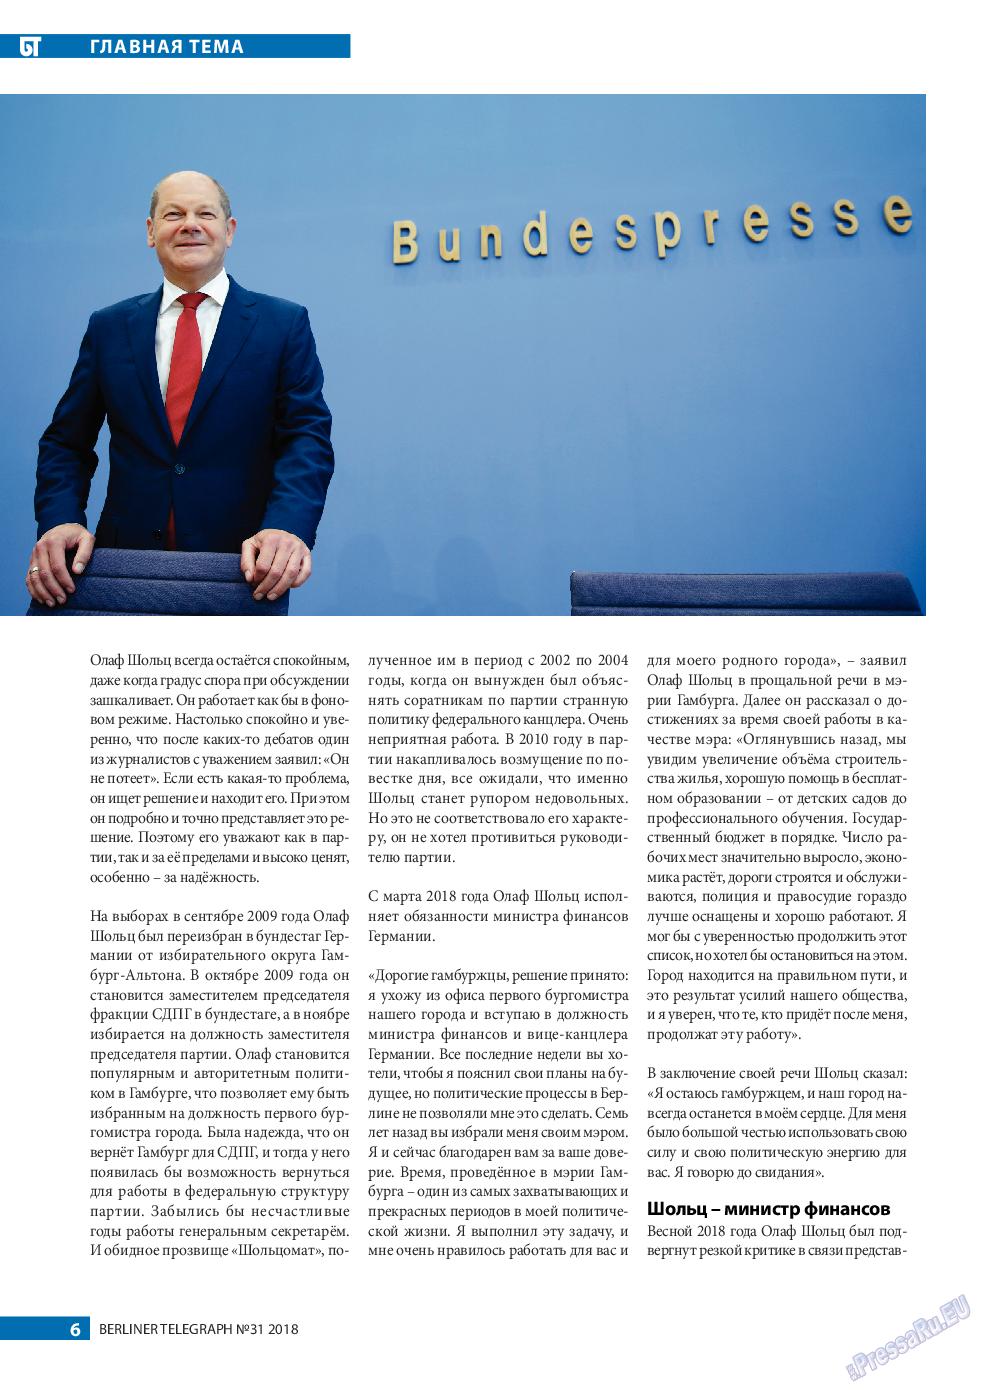 Берлинский телеграф (журнал). 2018 год, номер 31, стр. 6